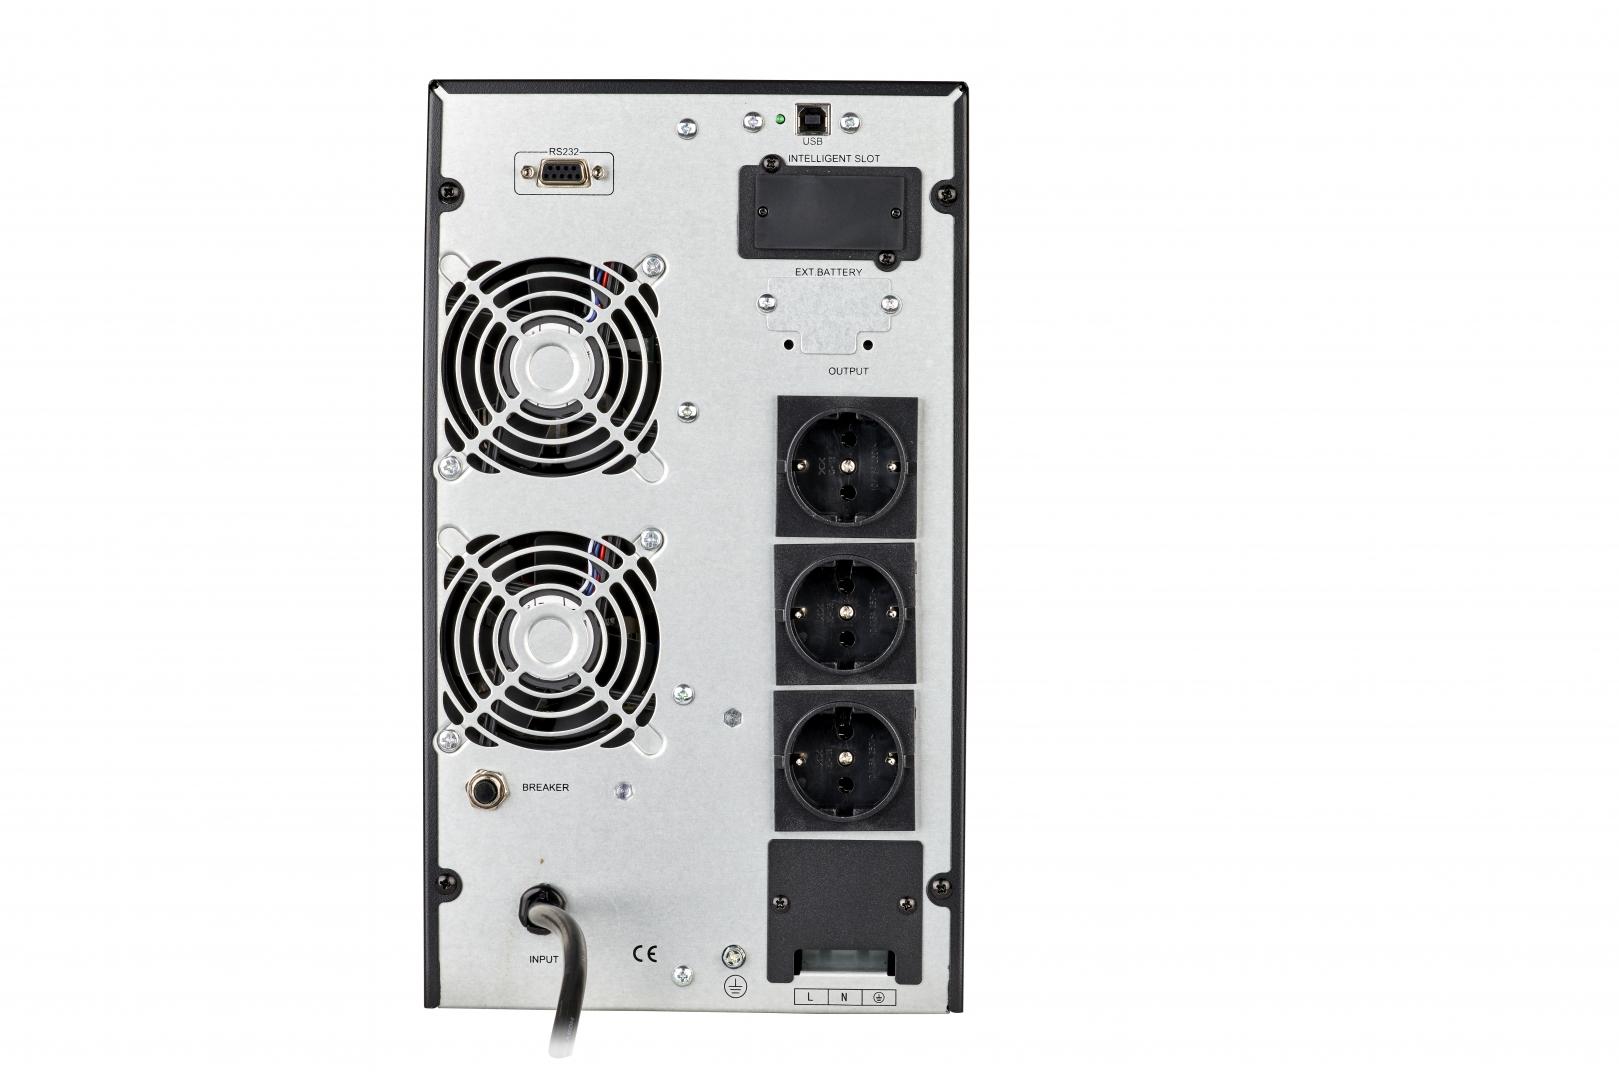 Tunçmatik Newtech Pro II X9 3 kVA Kesintisiz Güç Kaynağı (UPS)